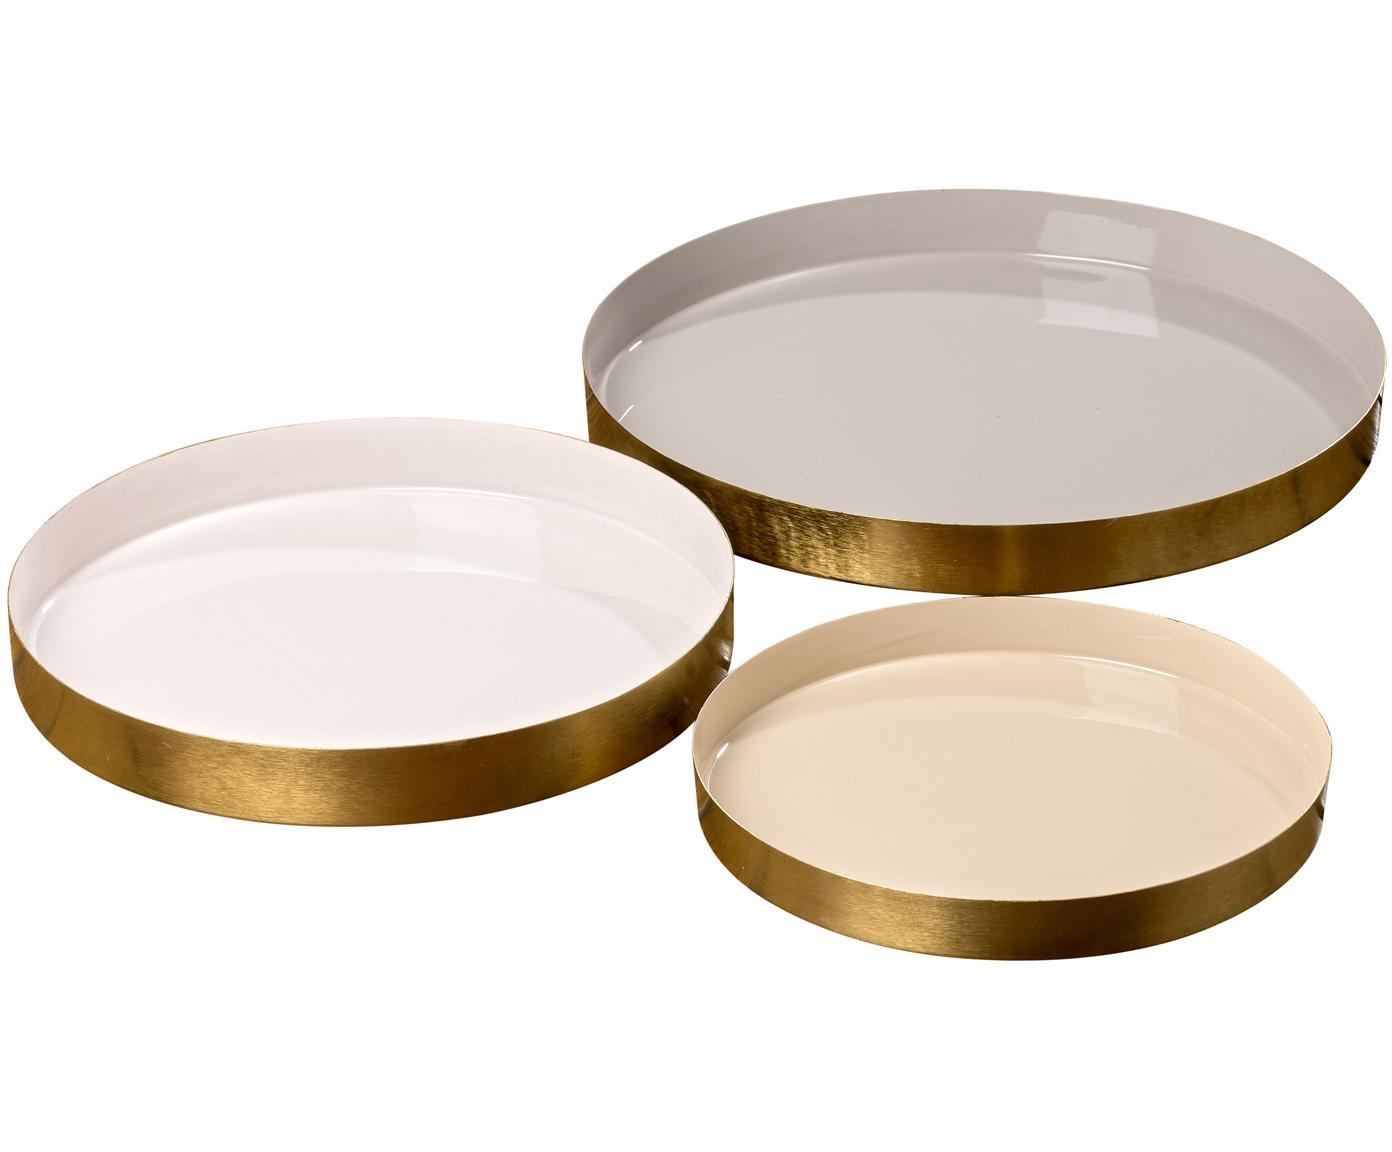 Decoratieve dienbladenset Ayra, 3-delig, Gelakt metaal, Grijs, beige, wit. Buitenrand: alle goudkleurig, Verschillende formaten